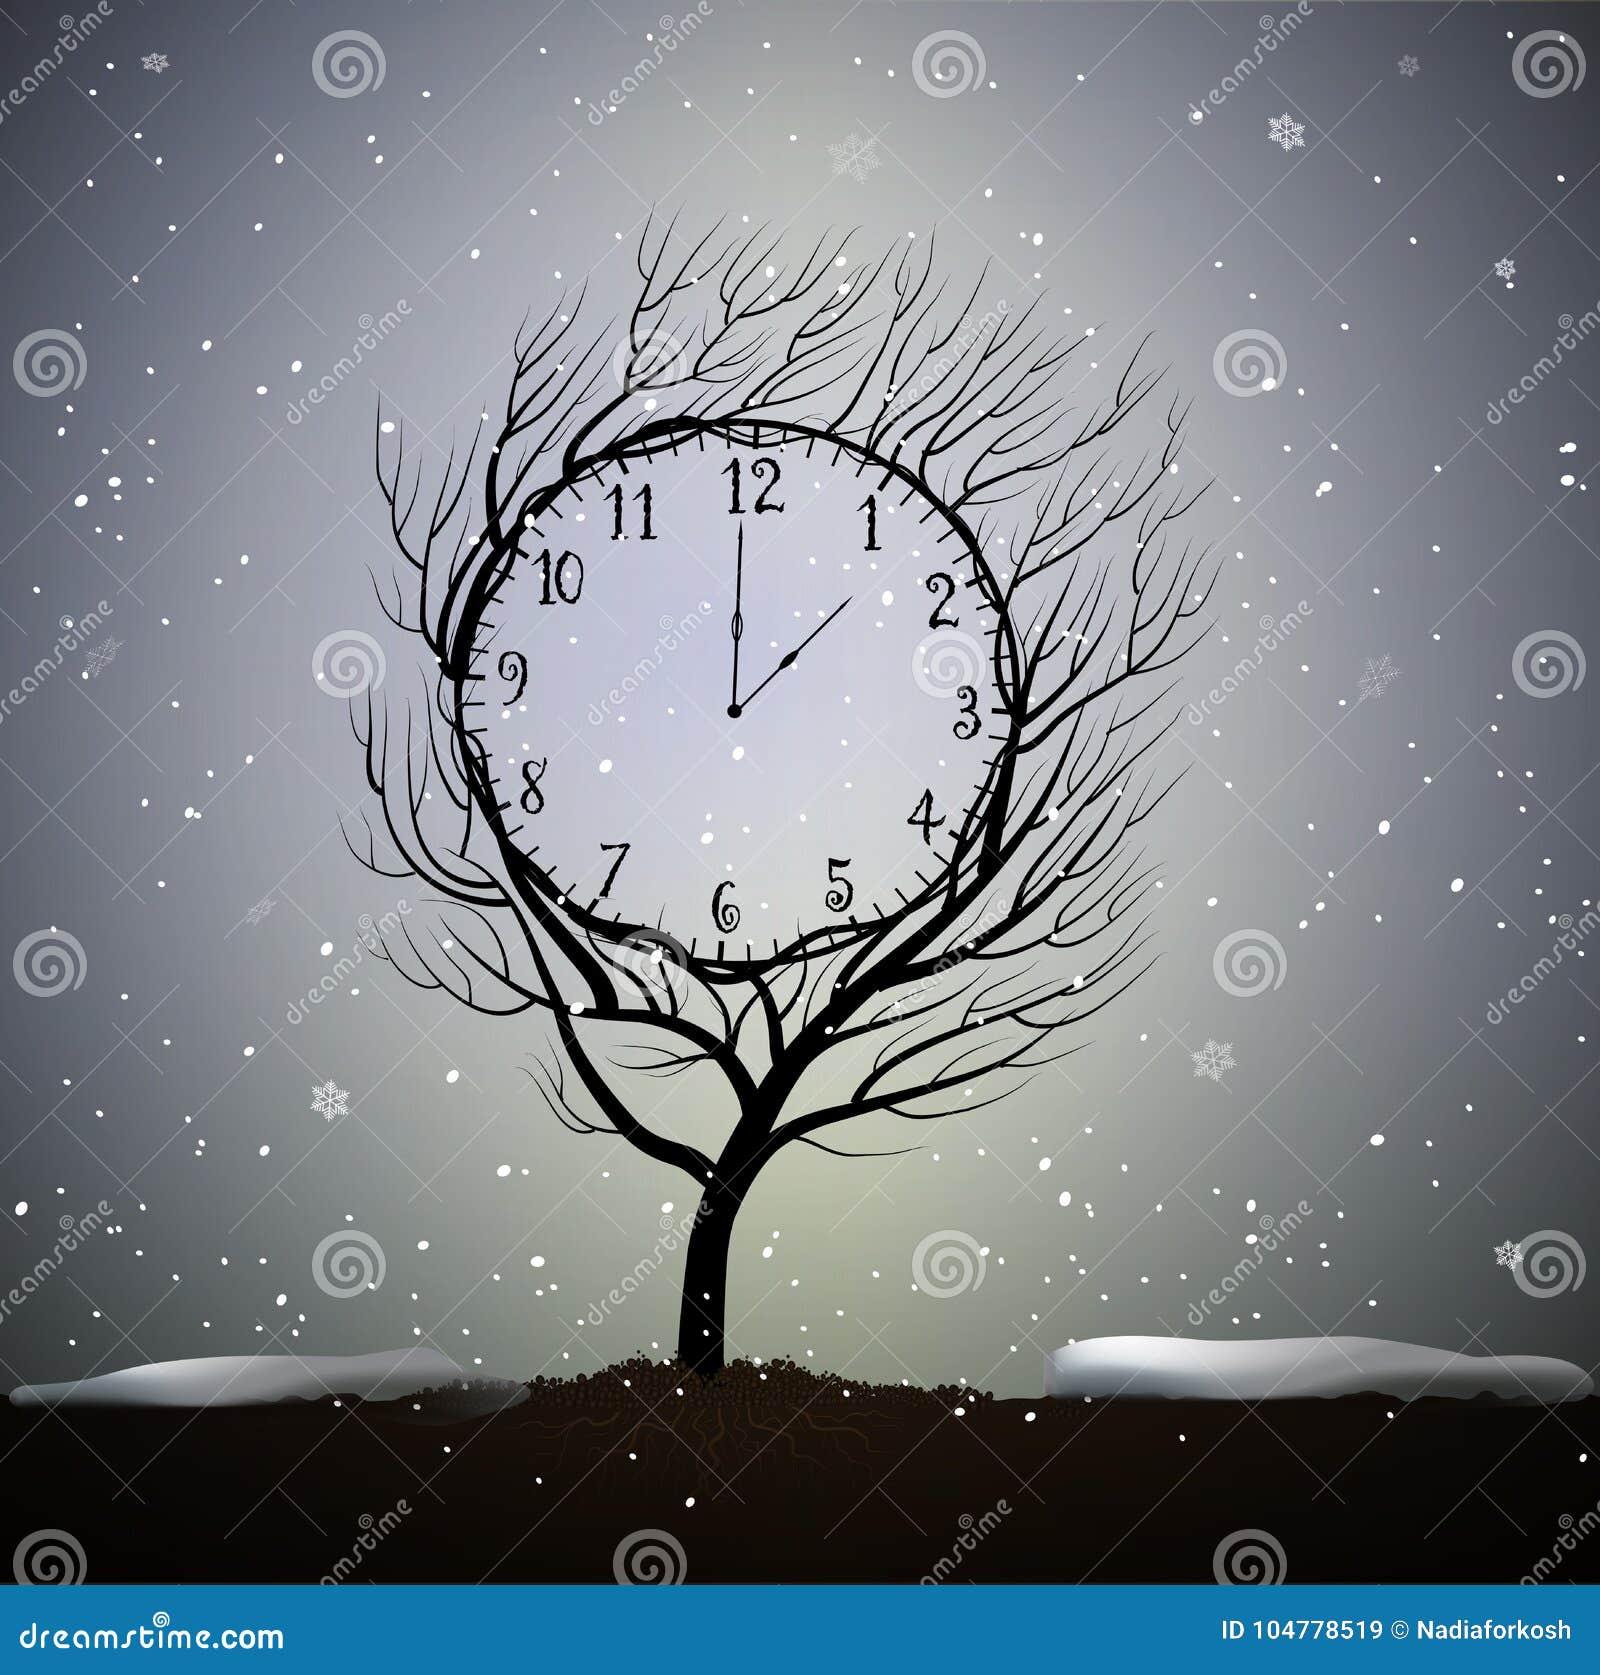 Ο χειμώνας, δέντρο μοιάζει με το χειμερινό ρολόι, 5 λεπτά στον παγωμένο καιρό, μαγική ανάπτυξη δέντρων ρολογιών στο χώμα σε όμορφ